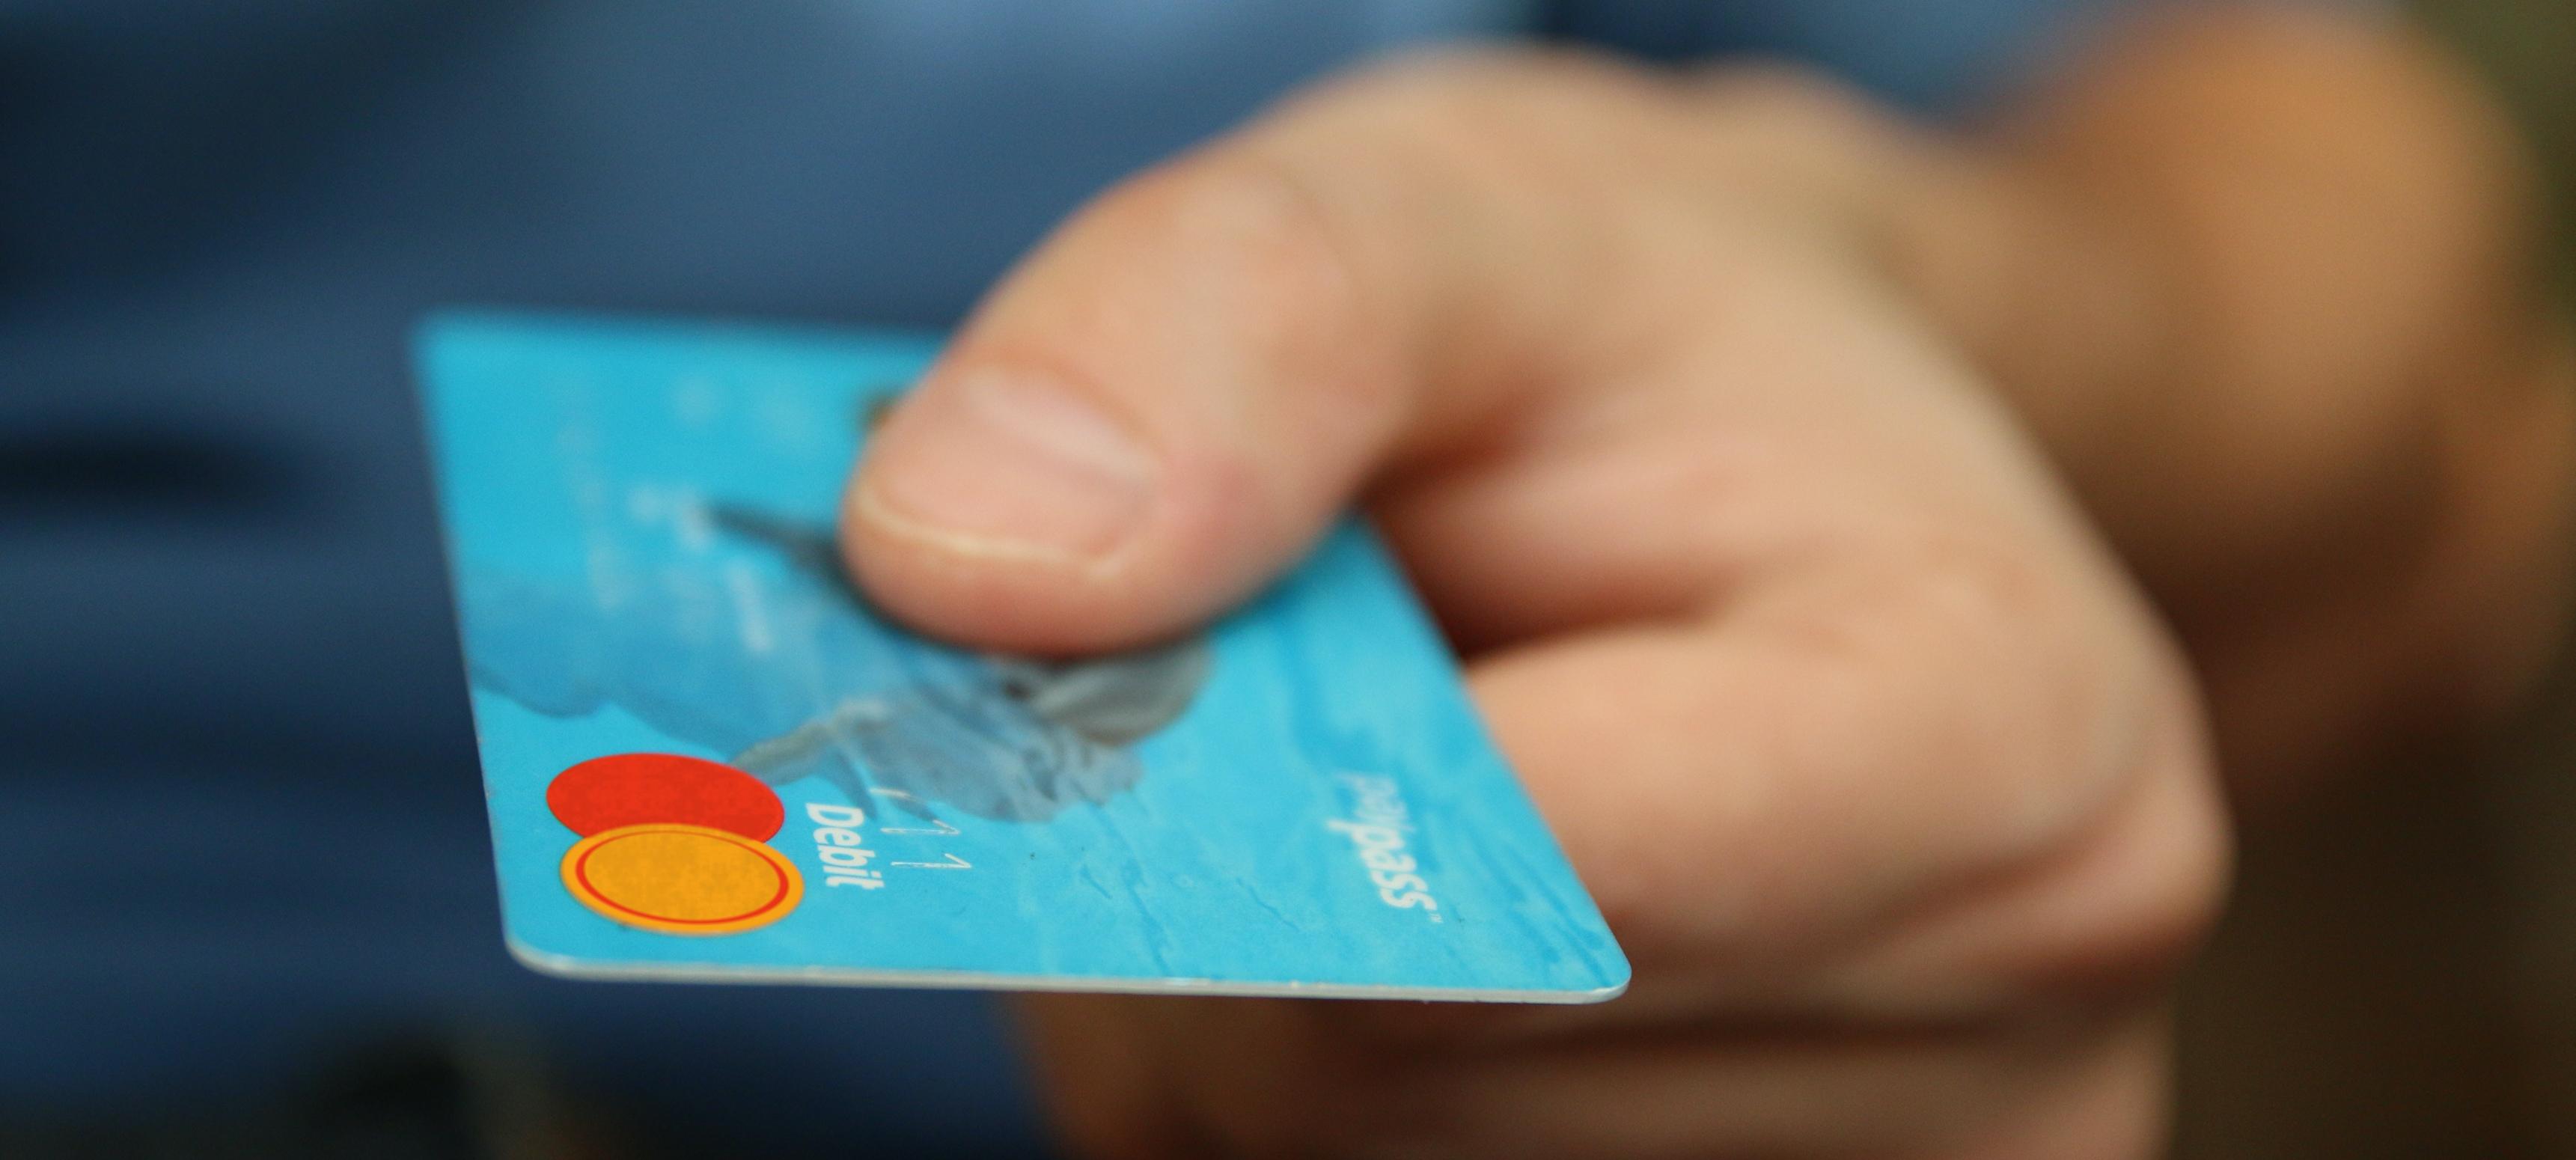 Obbligo di tracciabilità dei pagamenti: le novità del 2020.